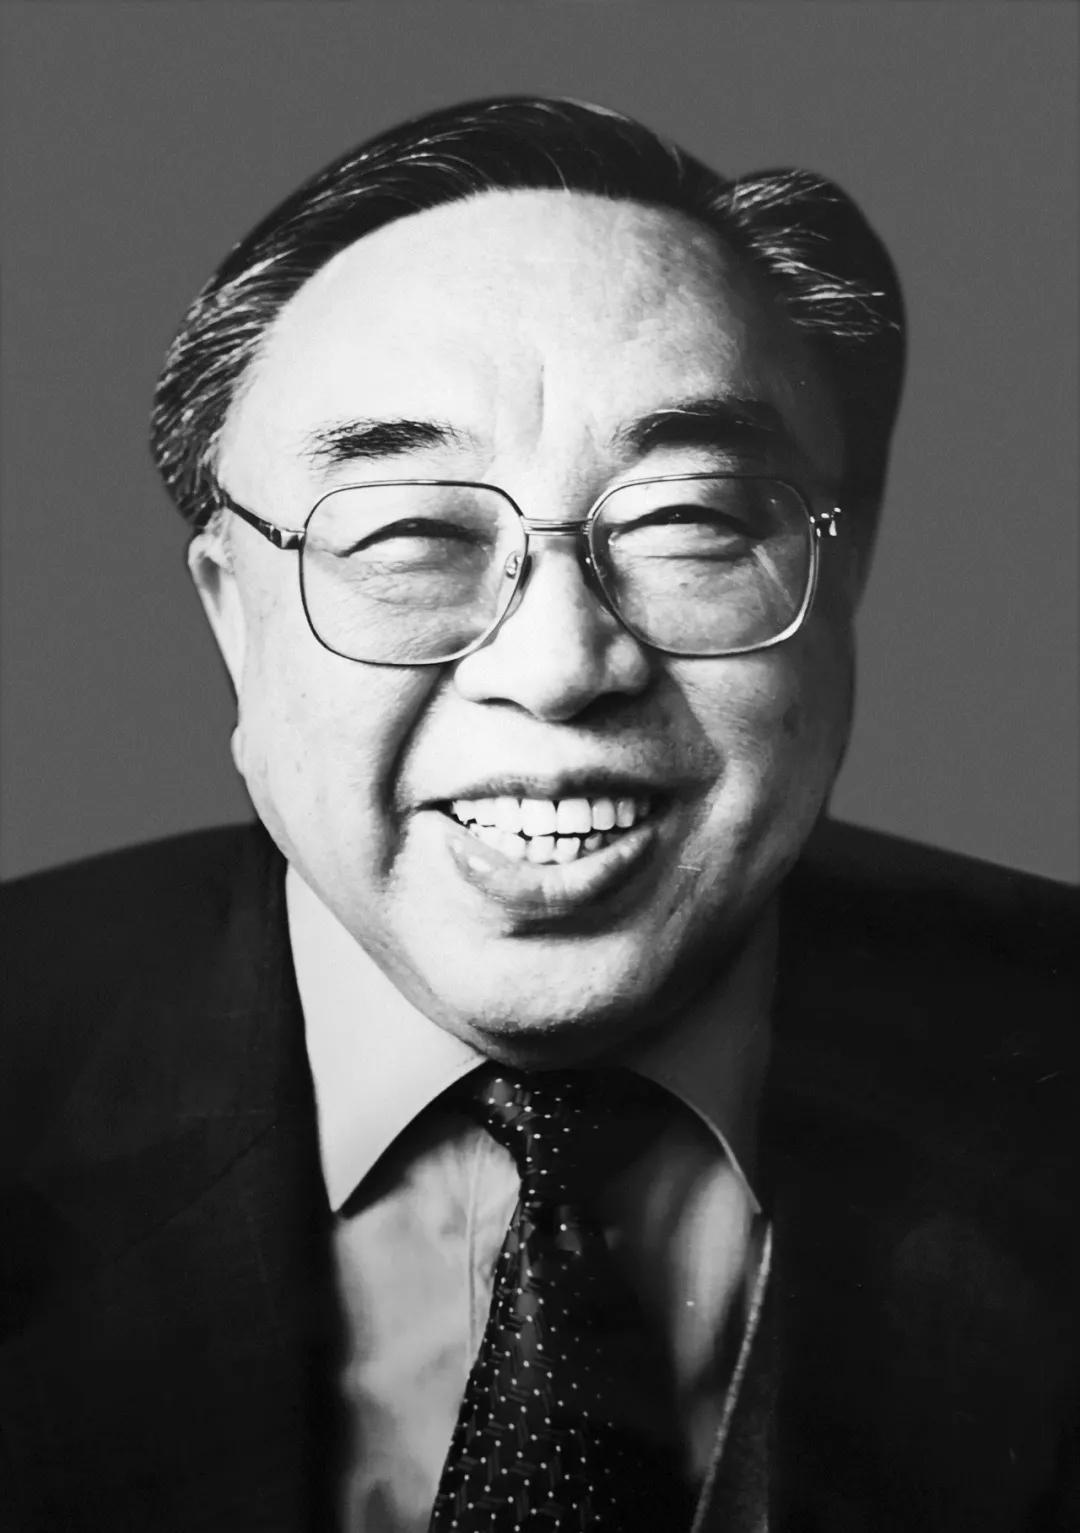 首届国医大师张琪教授逝世,享年98岁